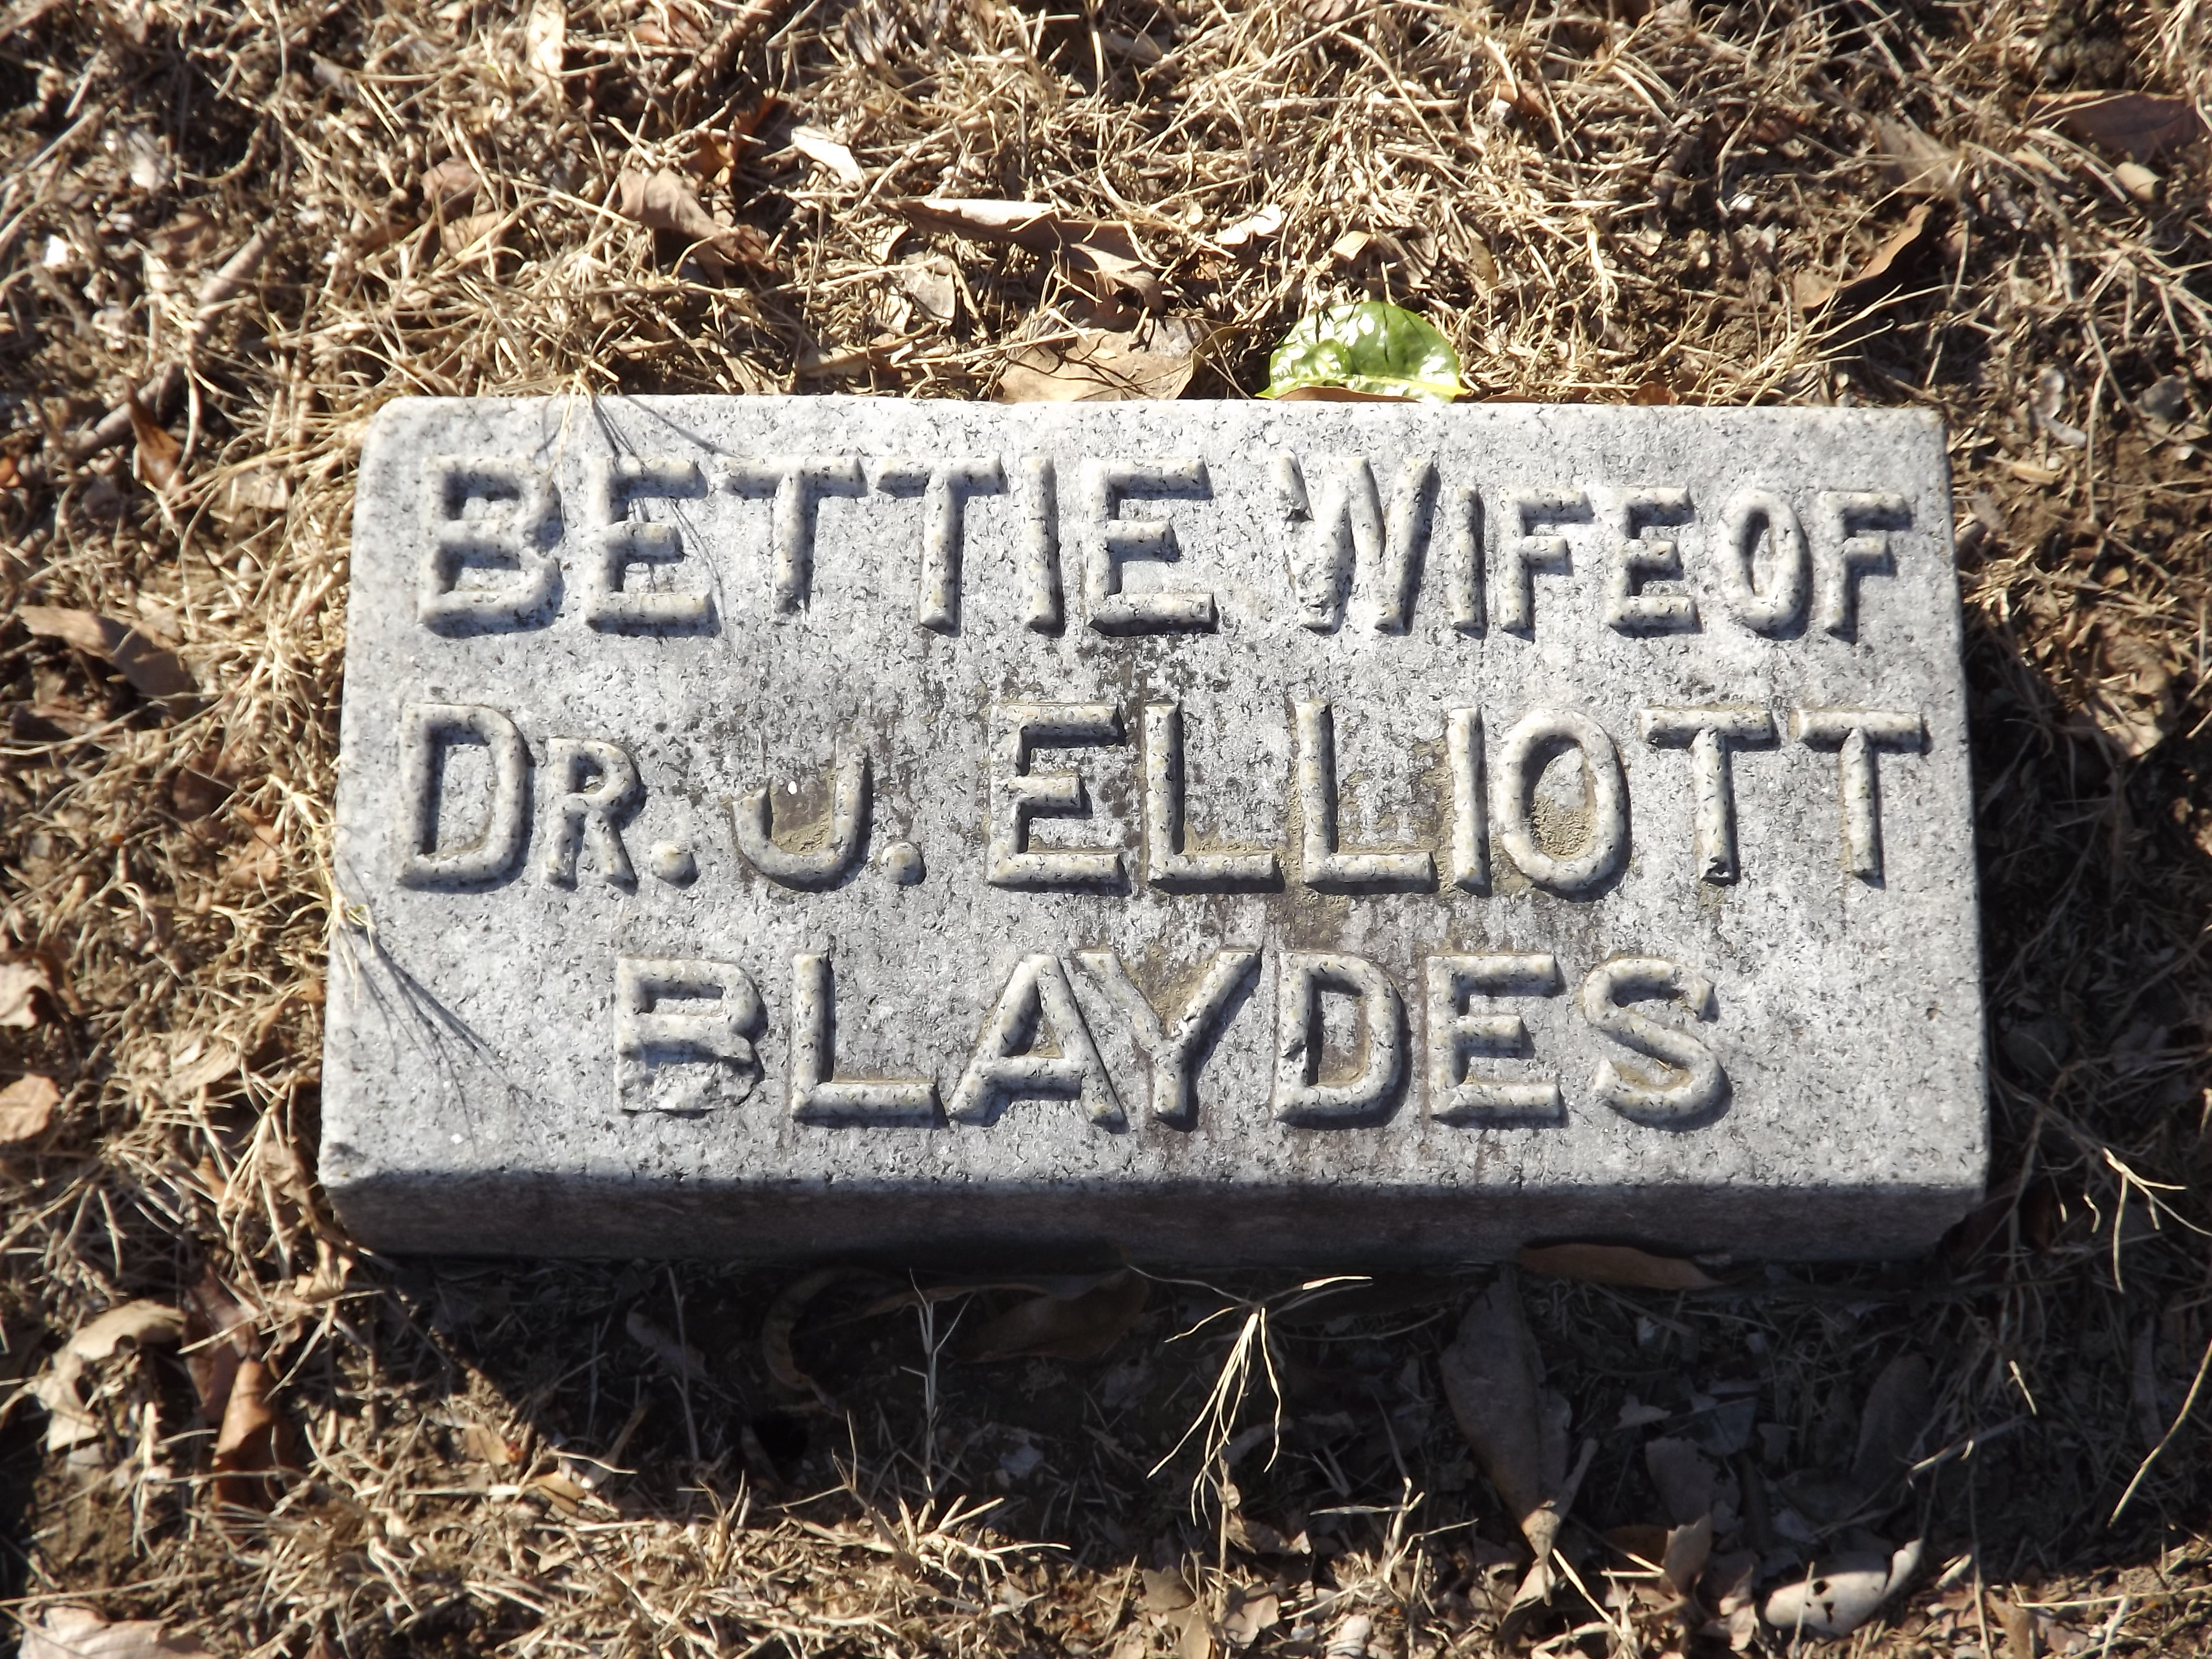 Malinda Elizabeth Bettie <i>Payne</i> Blaydes